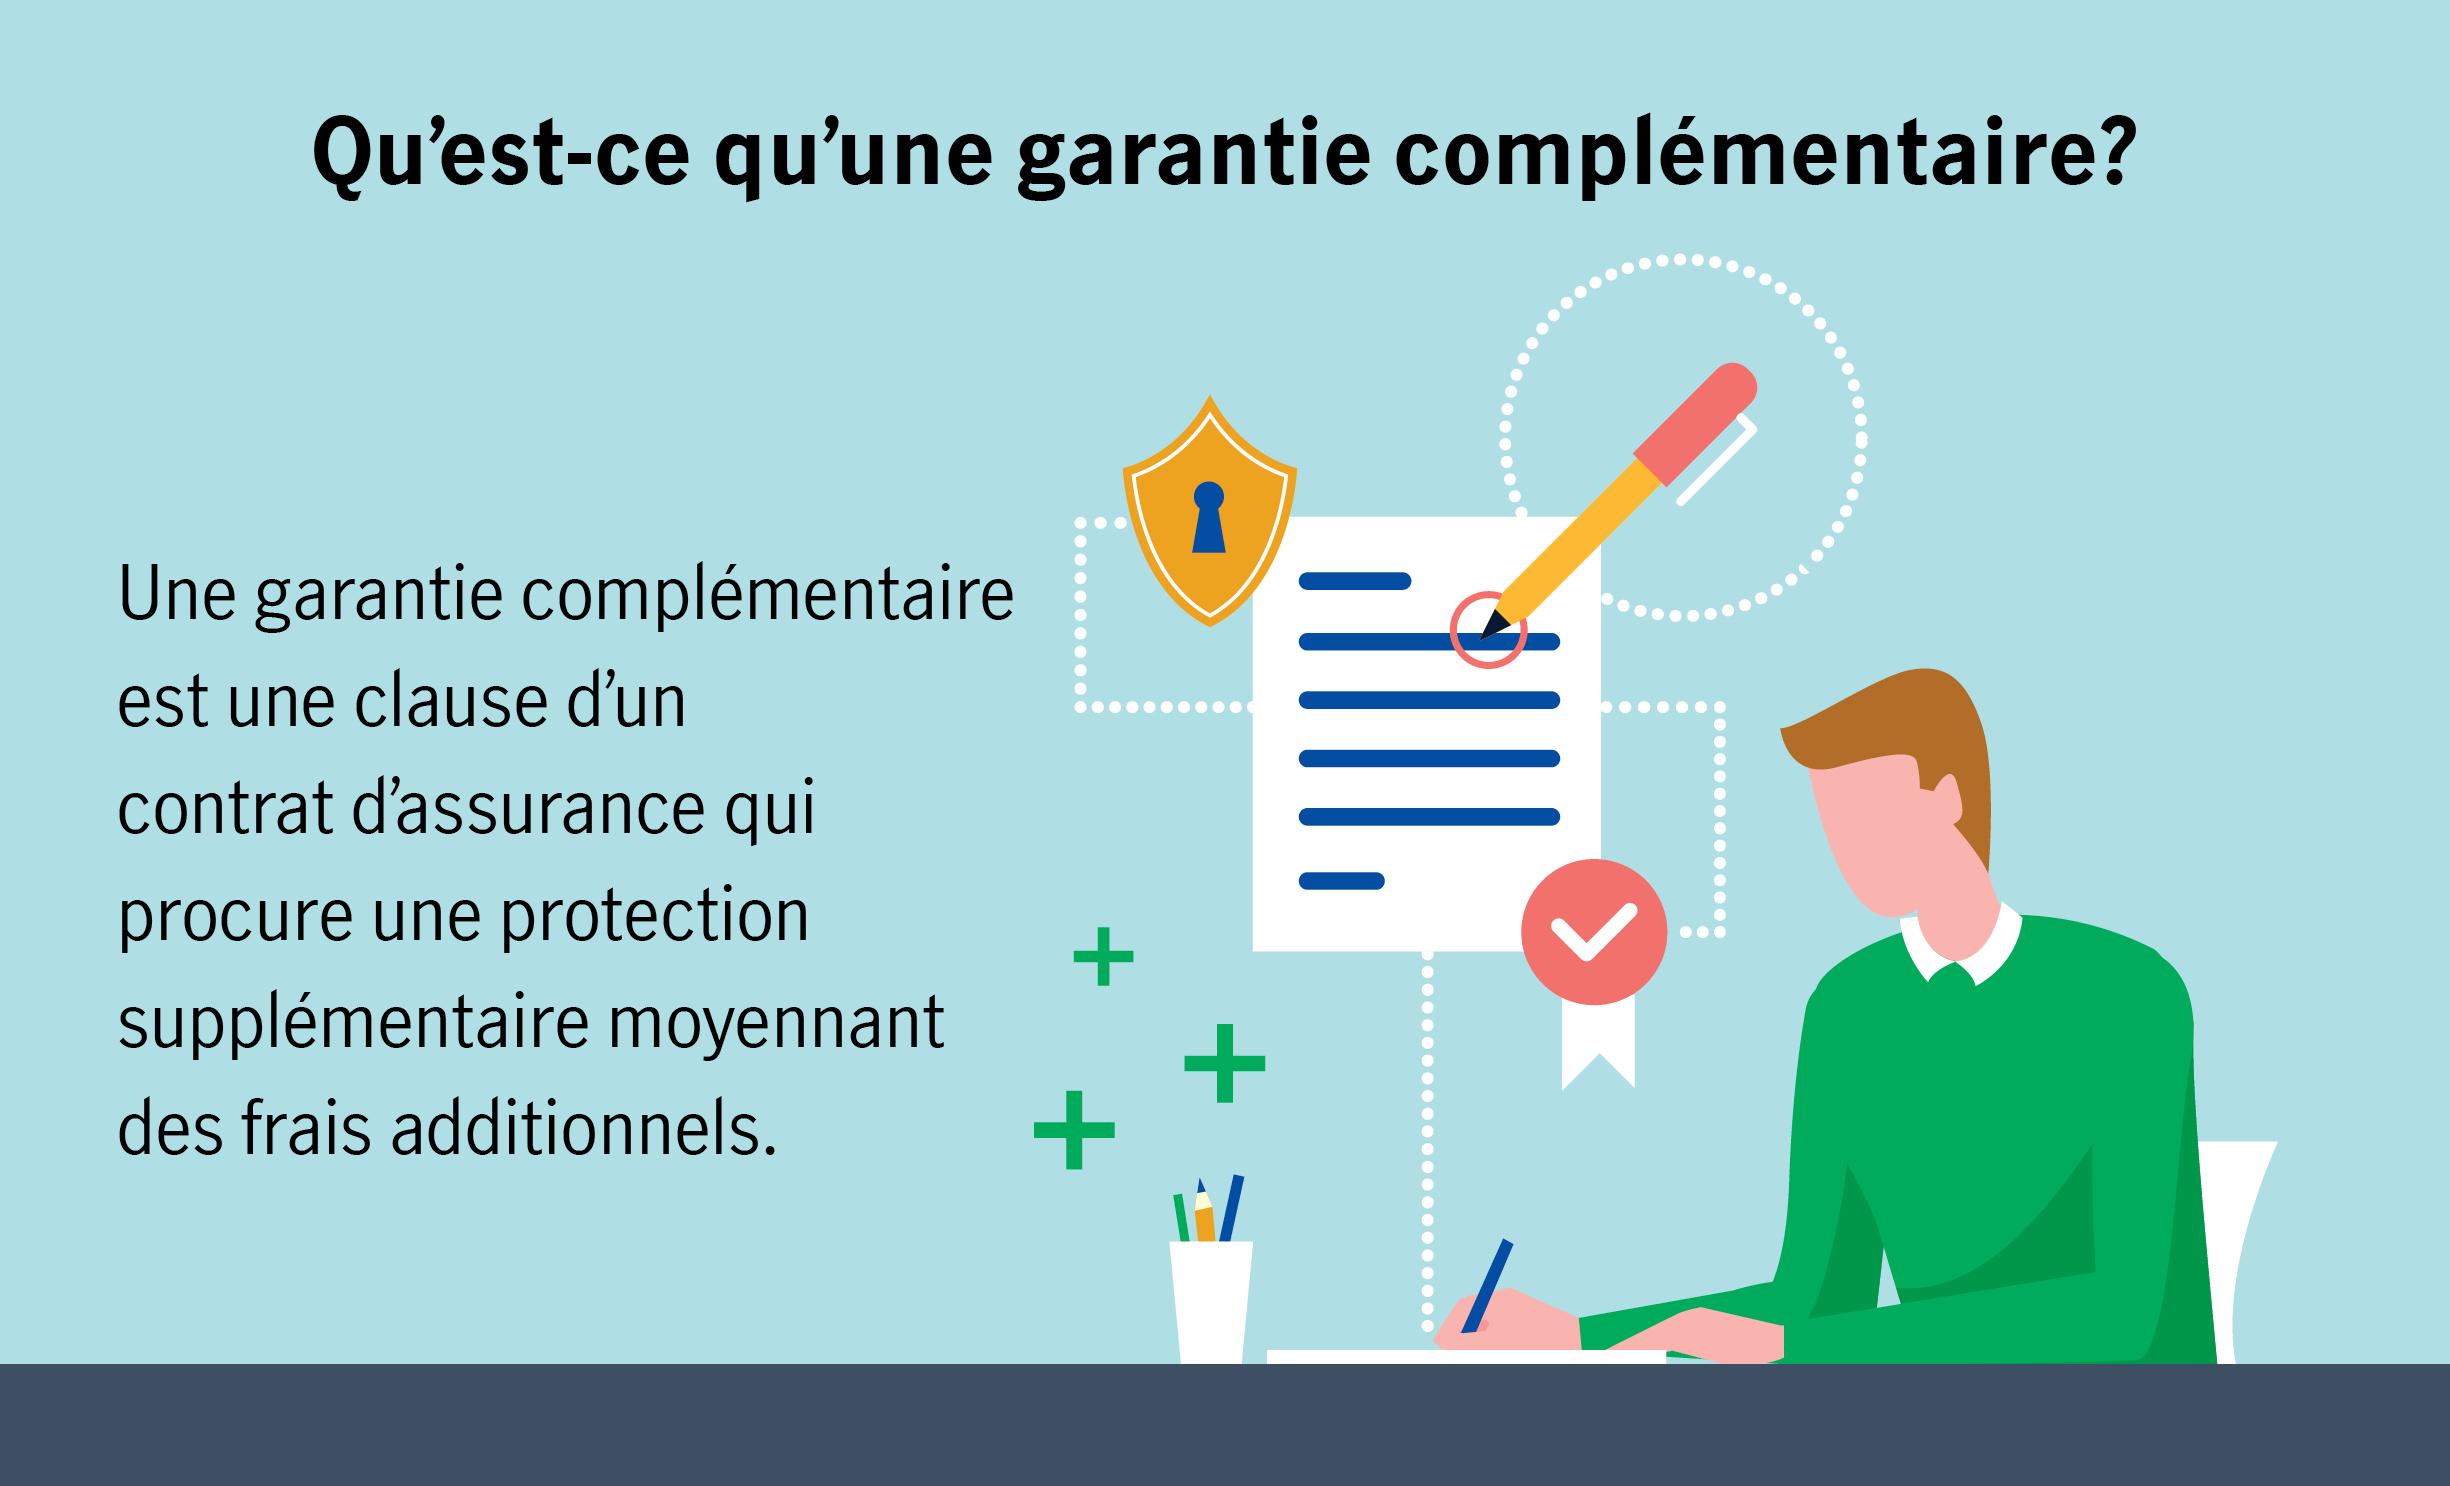 Qu'est-ce qu'une garantie complémentaire? Une garantie complémentaire est une clause d'un contrat d'assurance qui procure une protection supplémentaire moyennant des frais additionnels.